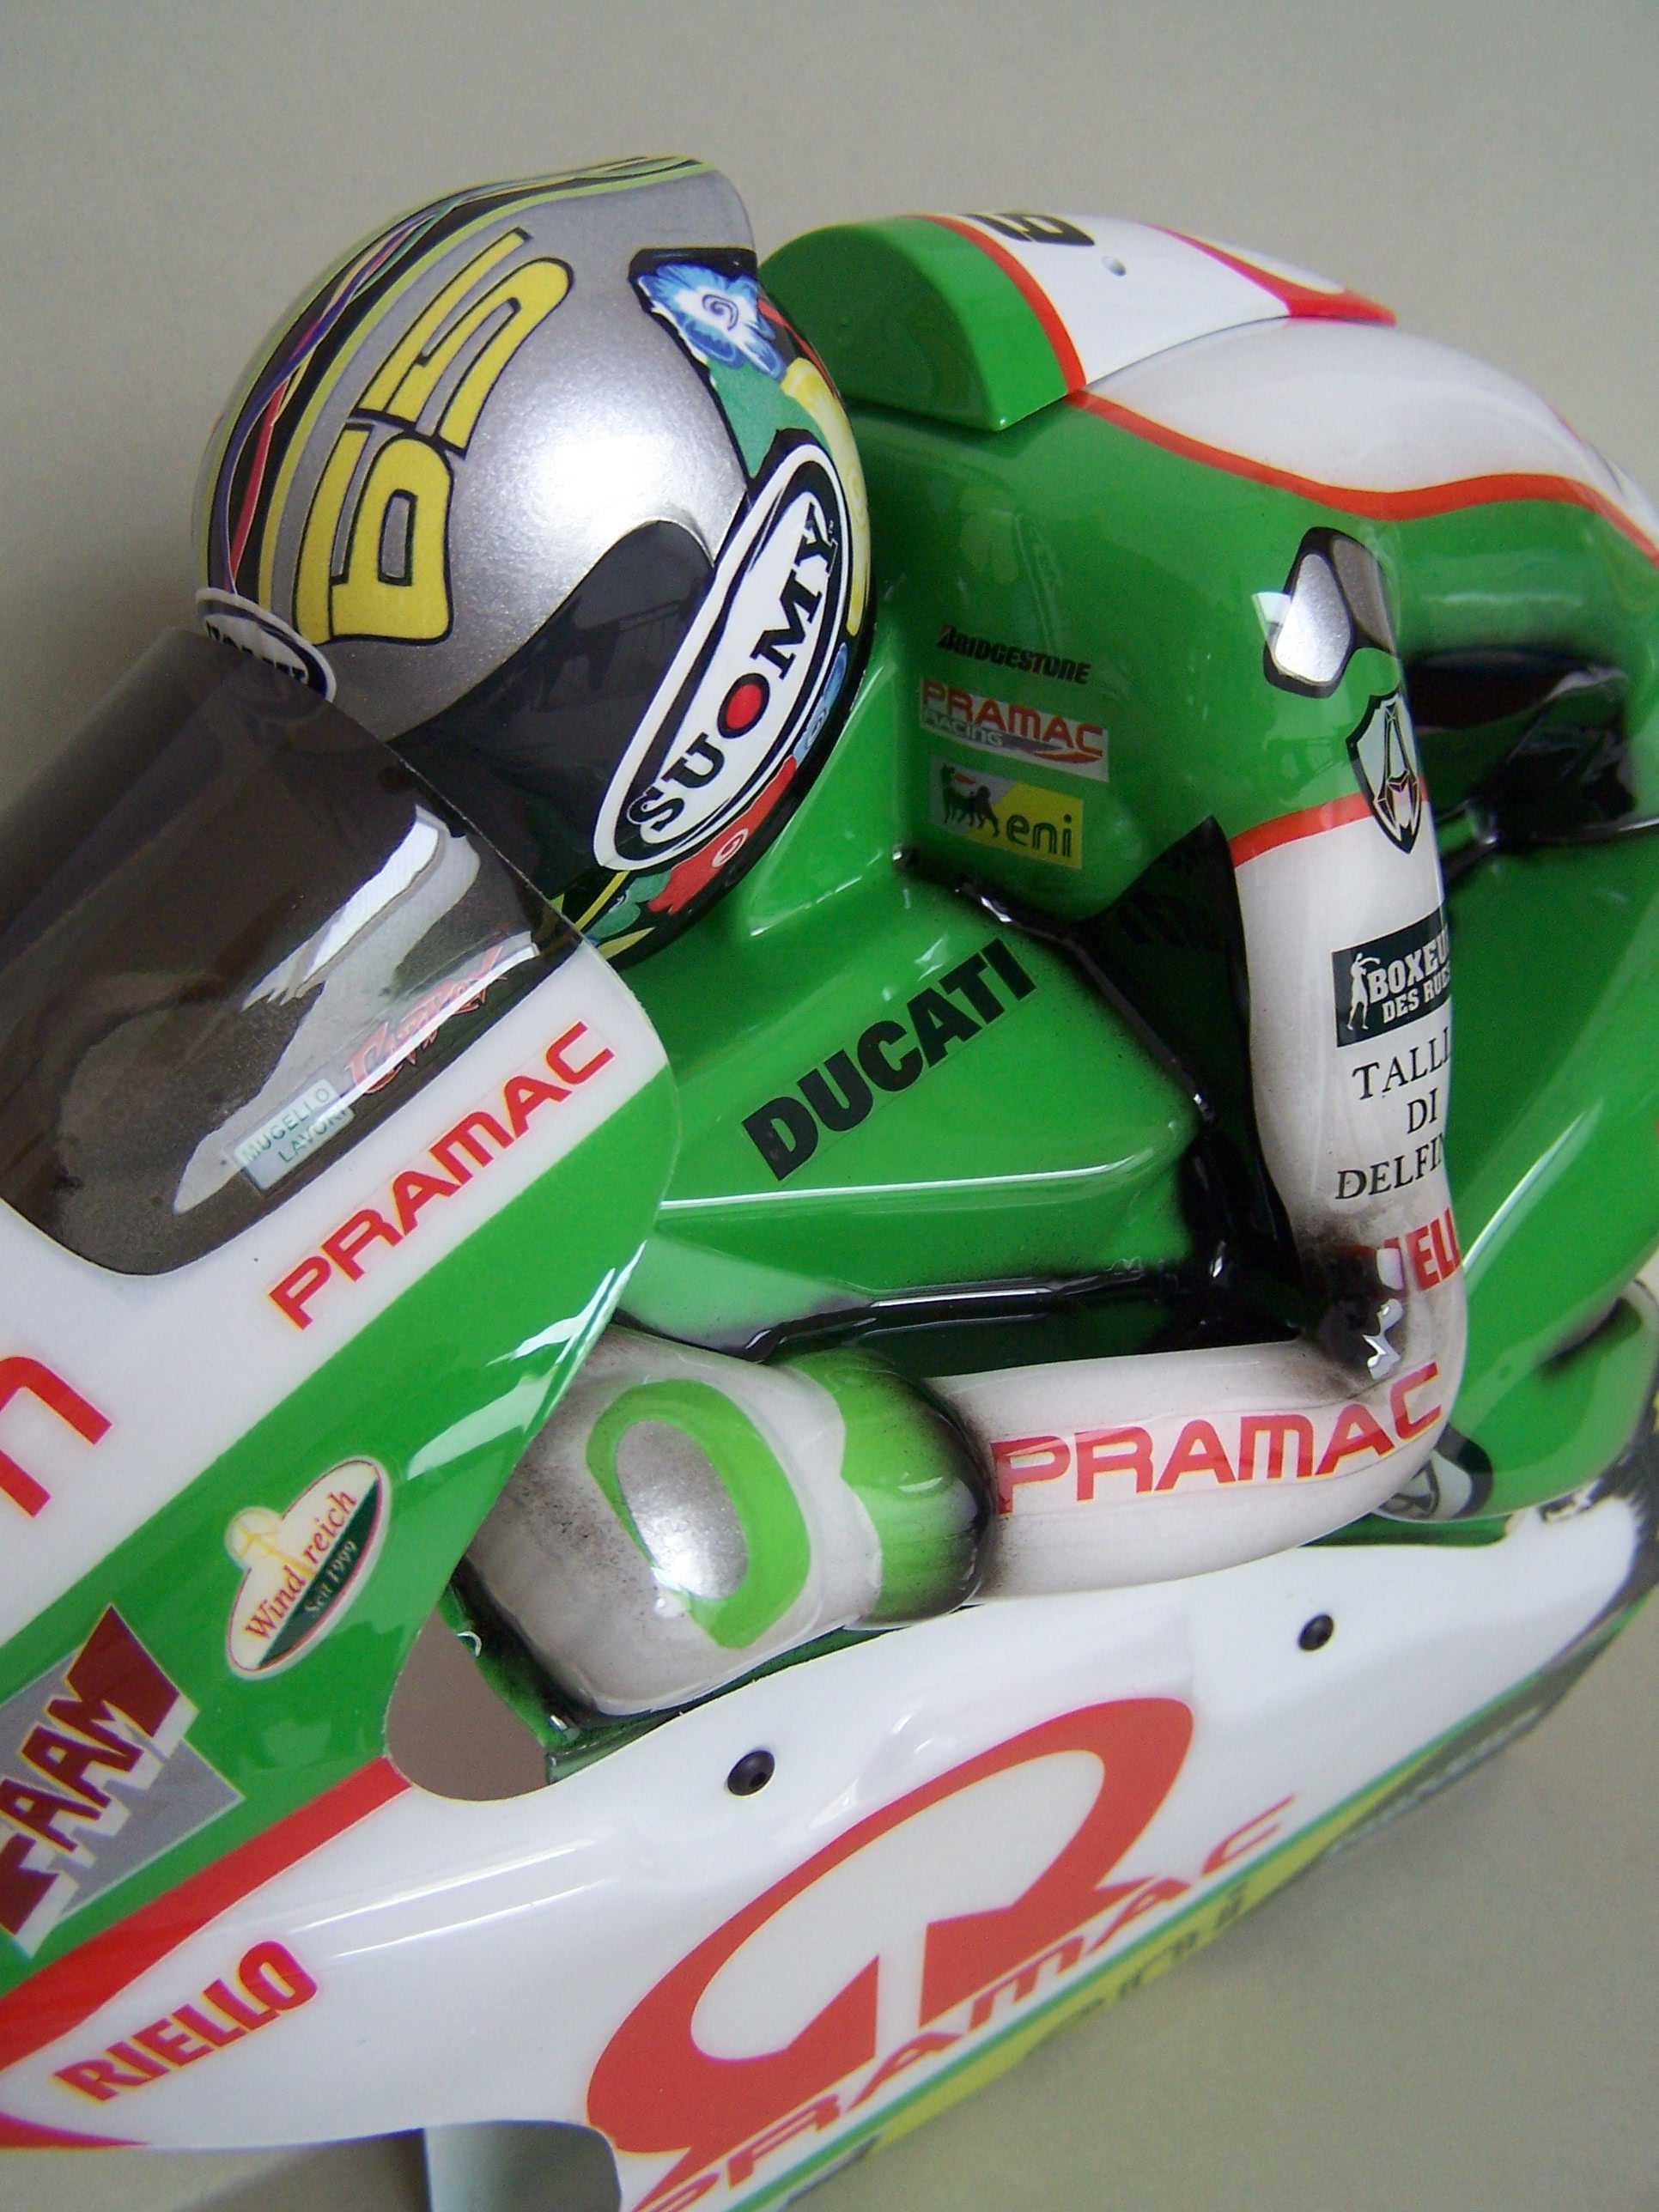 [Pramac-Ducati-7.jpg]